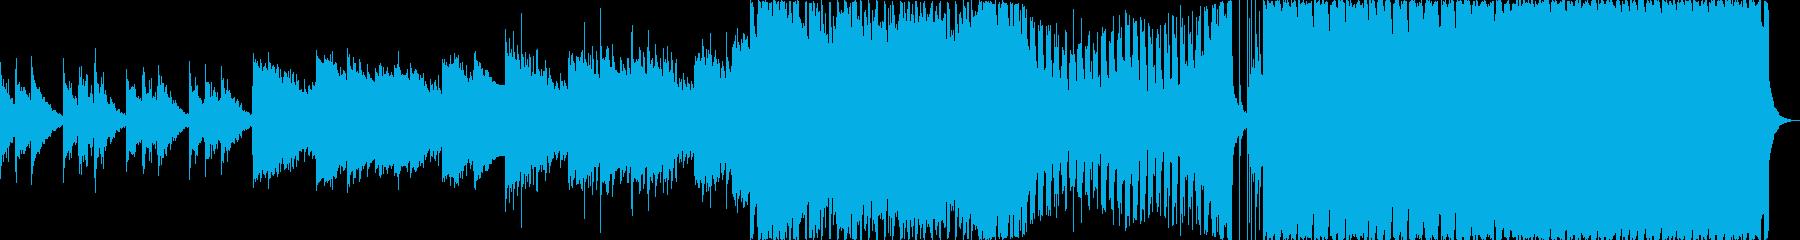 EDM・ダンス・盛り上がる・カッコイイの再生済みの波形